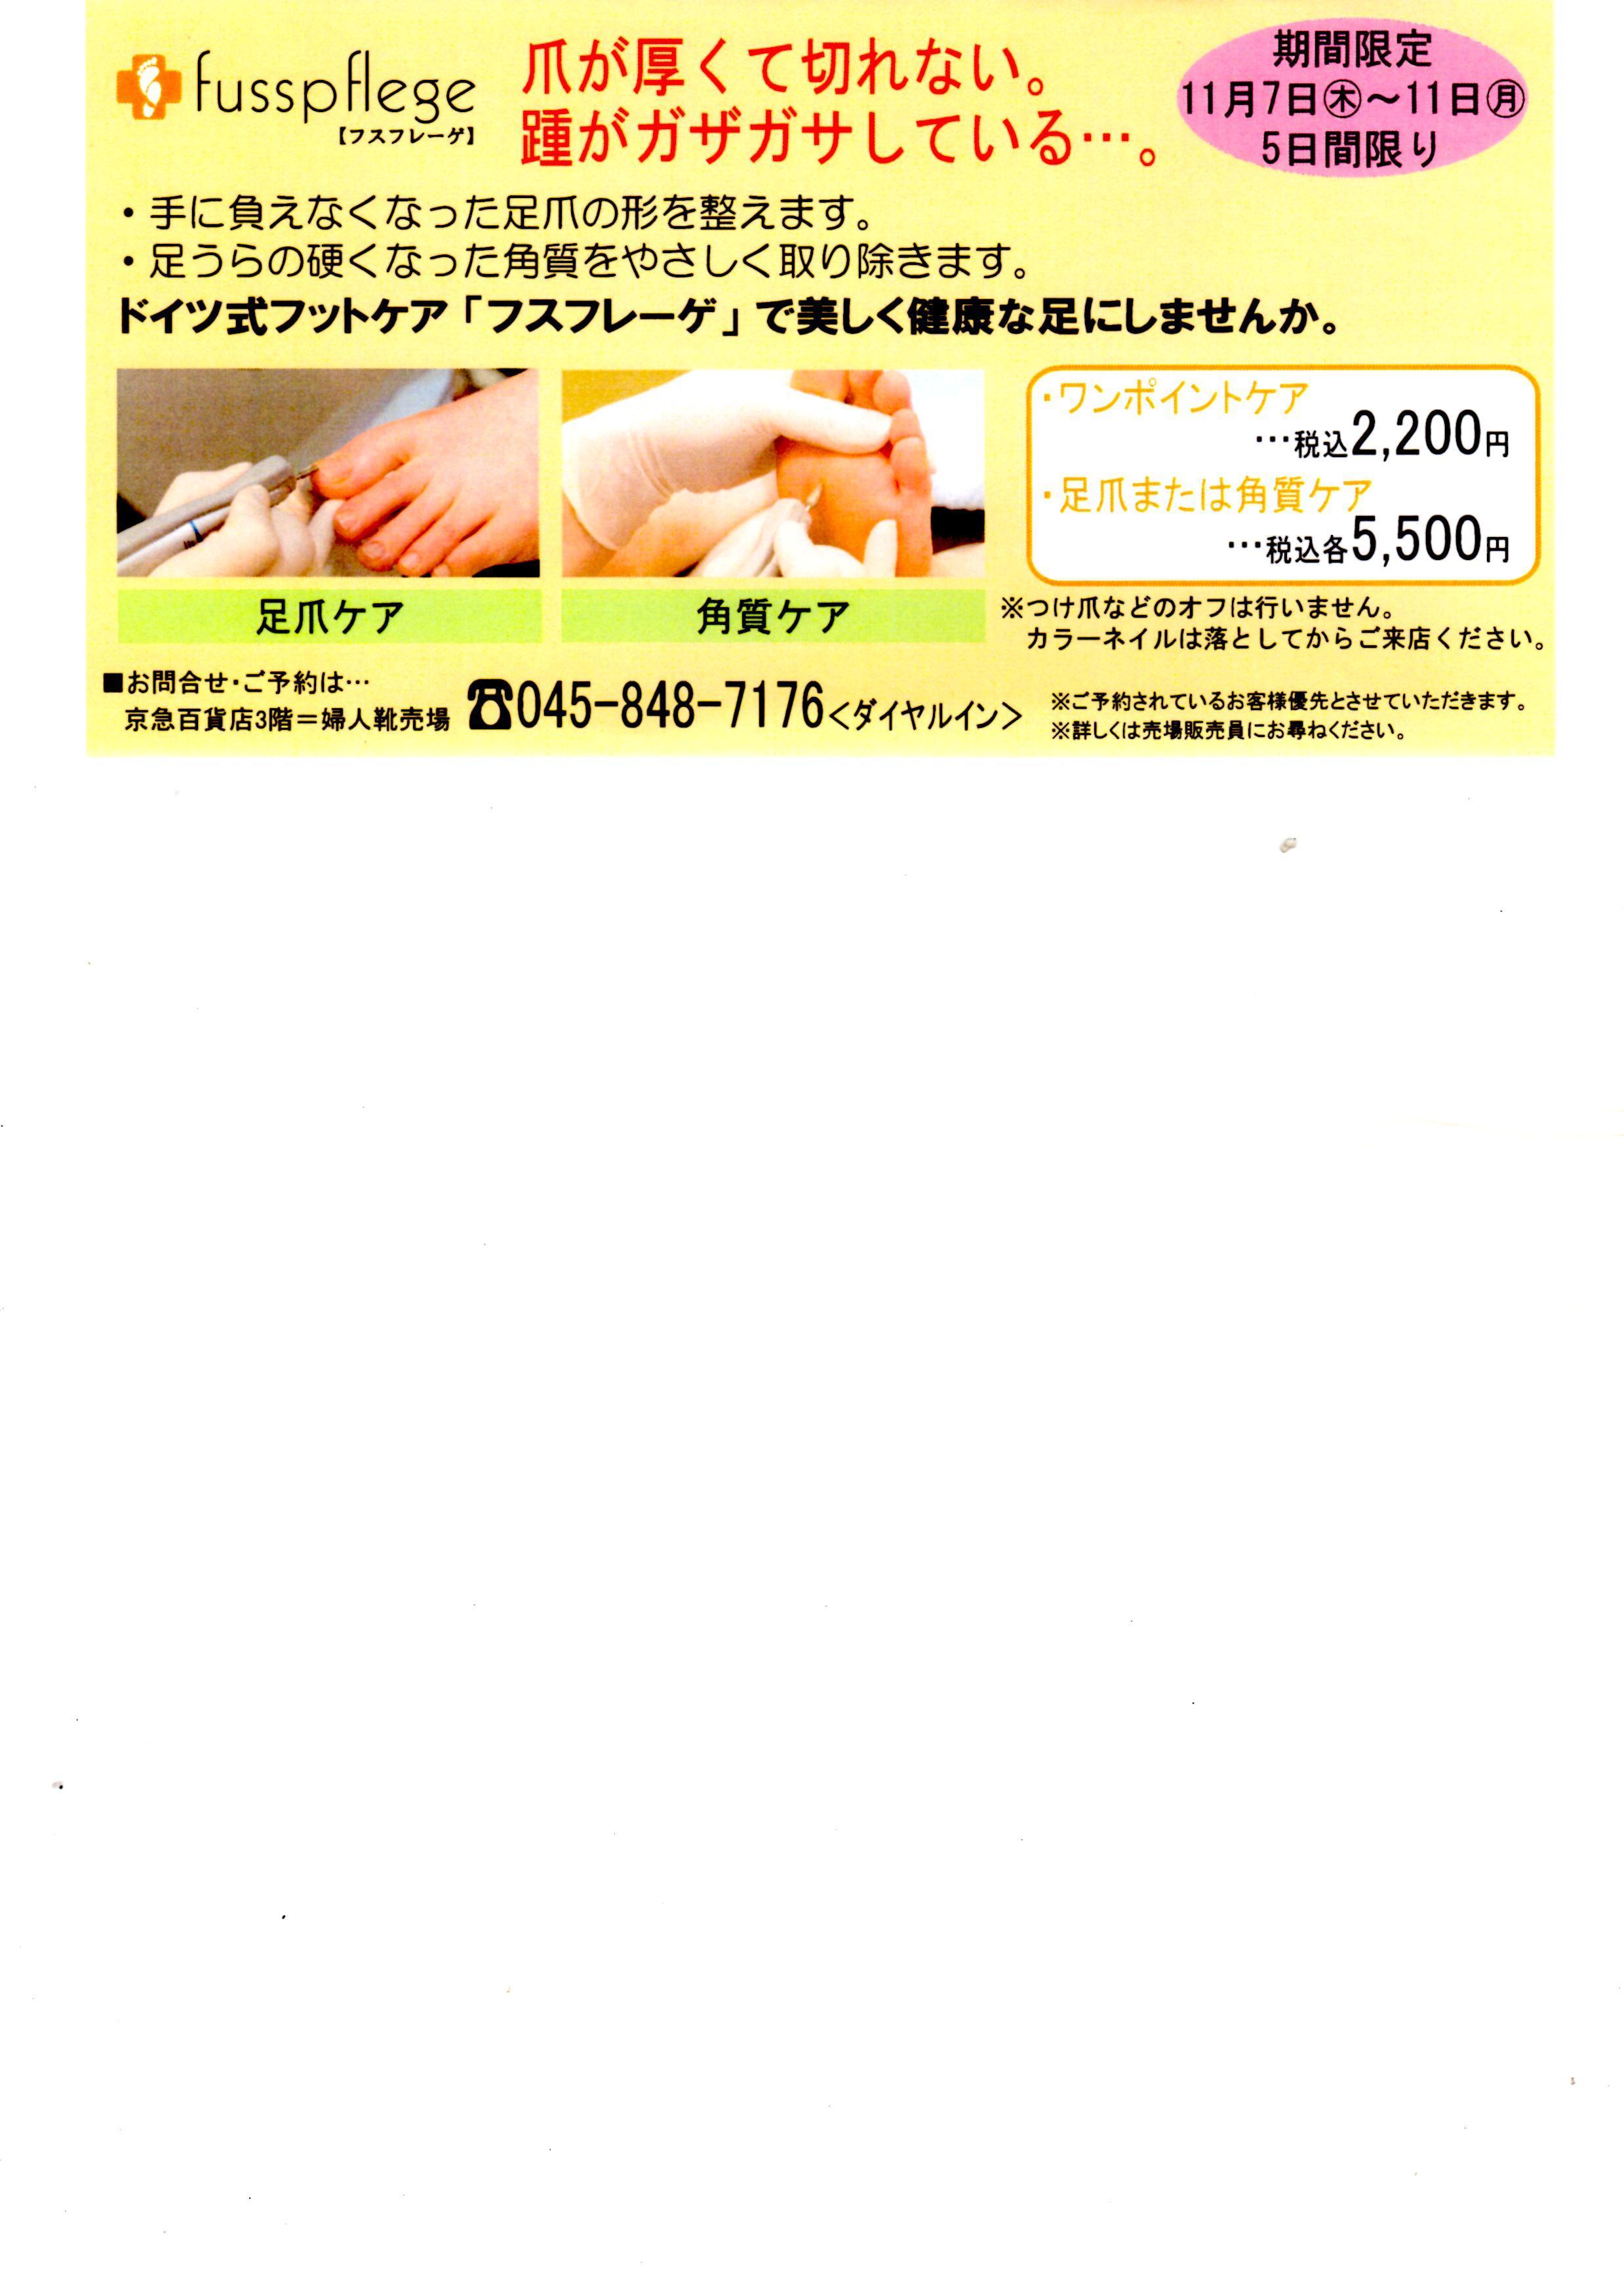 京急百貨店でイベント開催!_b0206384_11364789.jpg